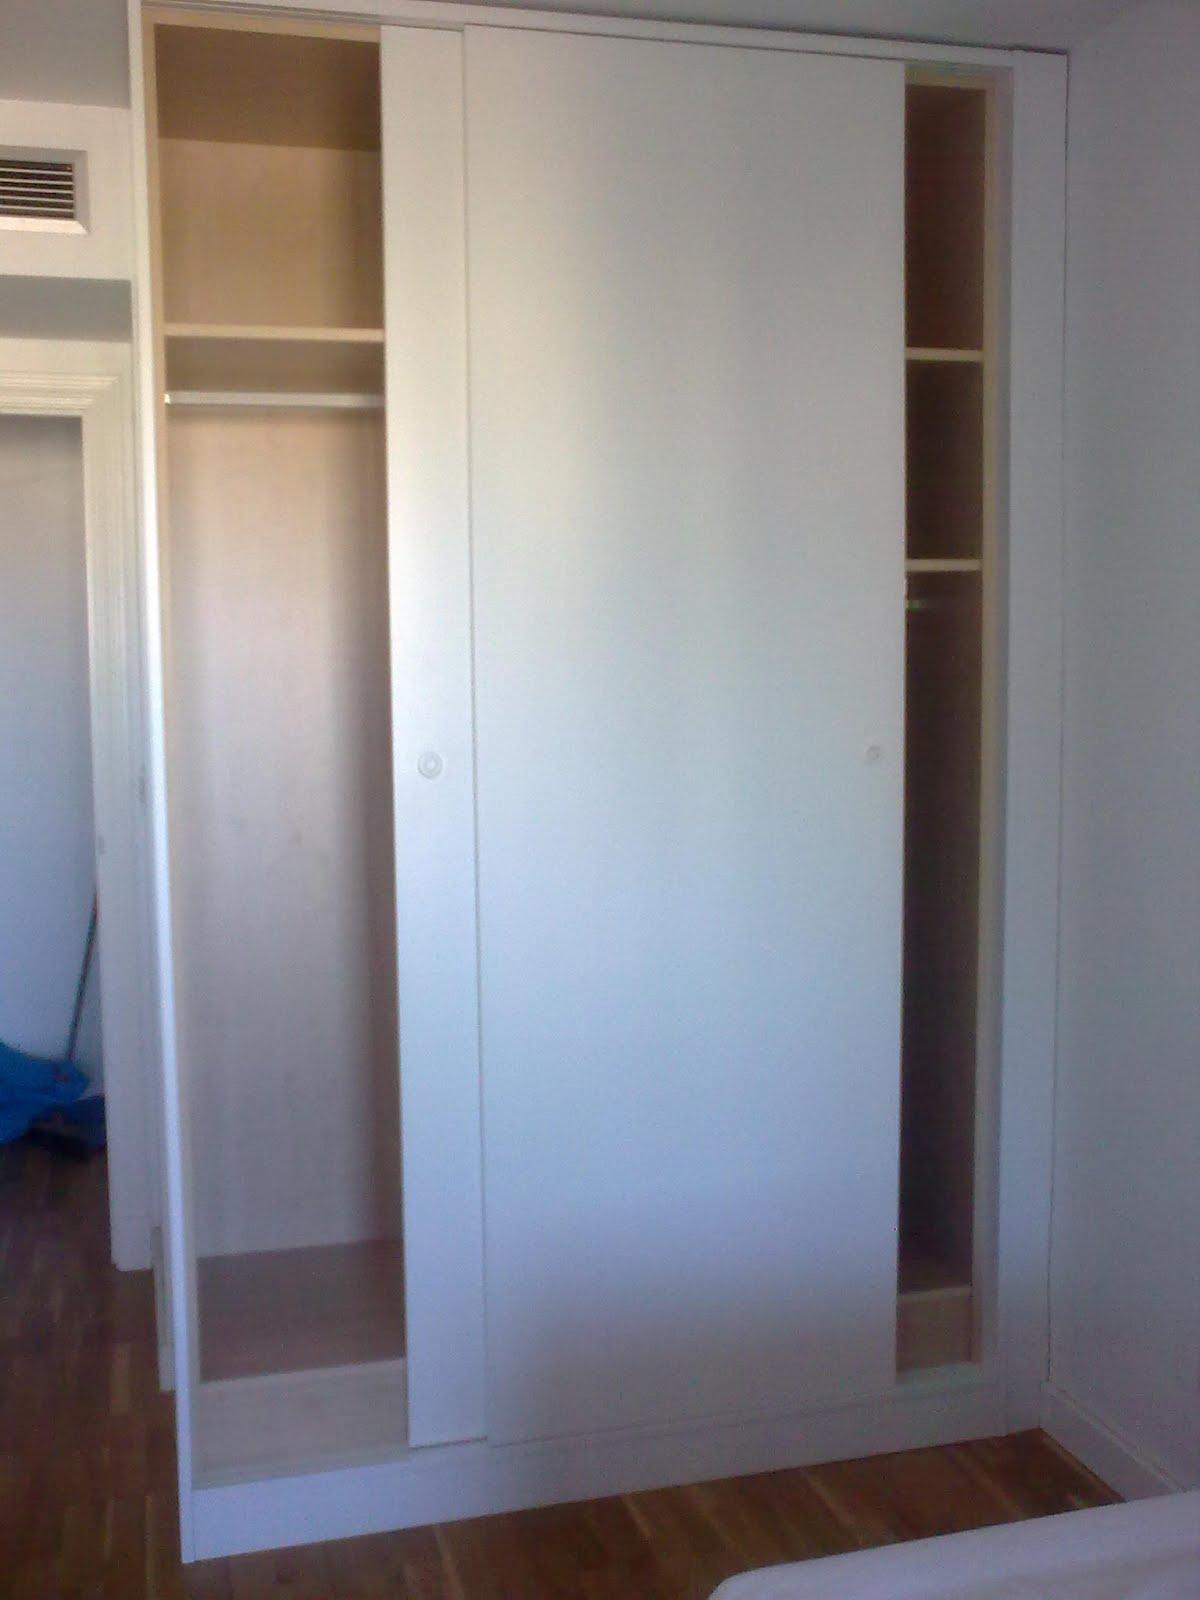 Armario de puertas correderas para dormitorio muebles - Correderas para armarios ...